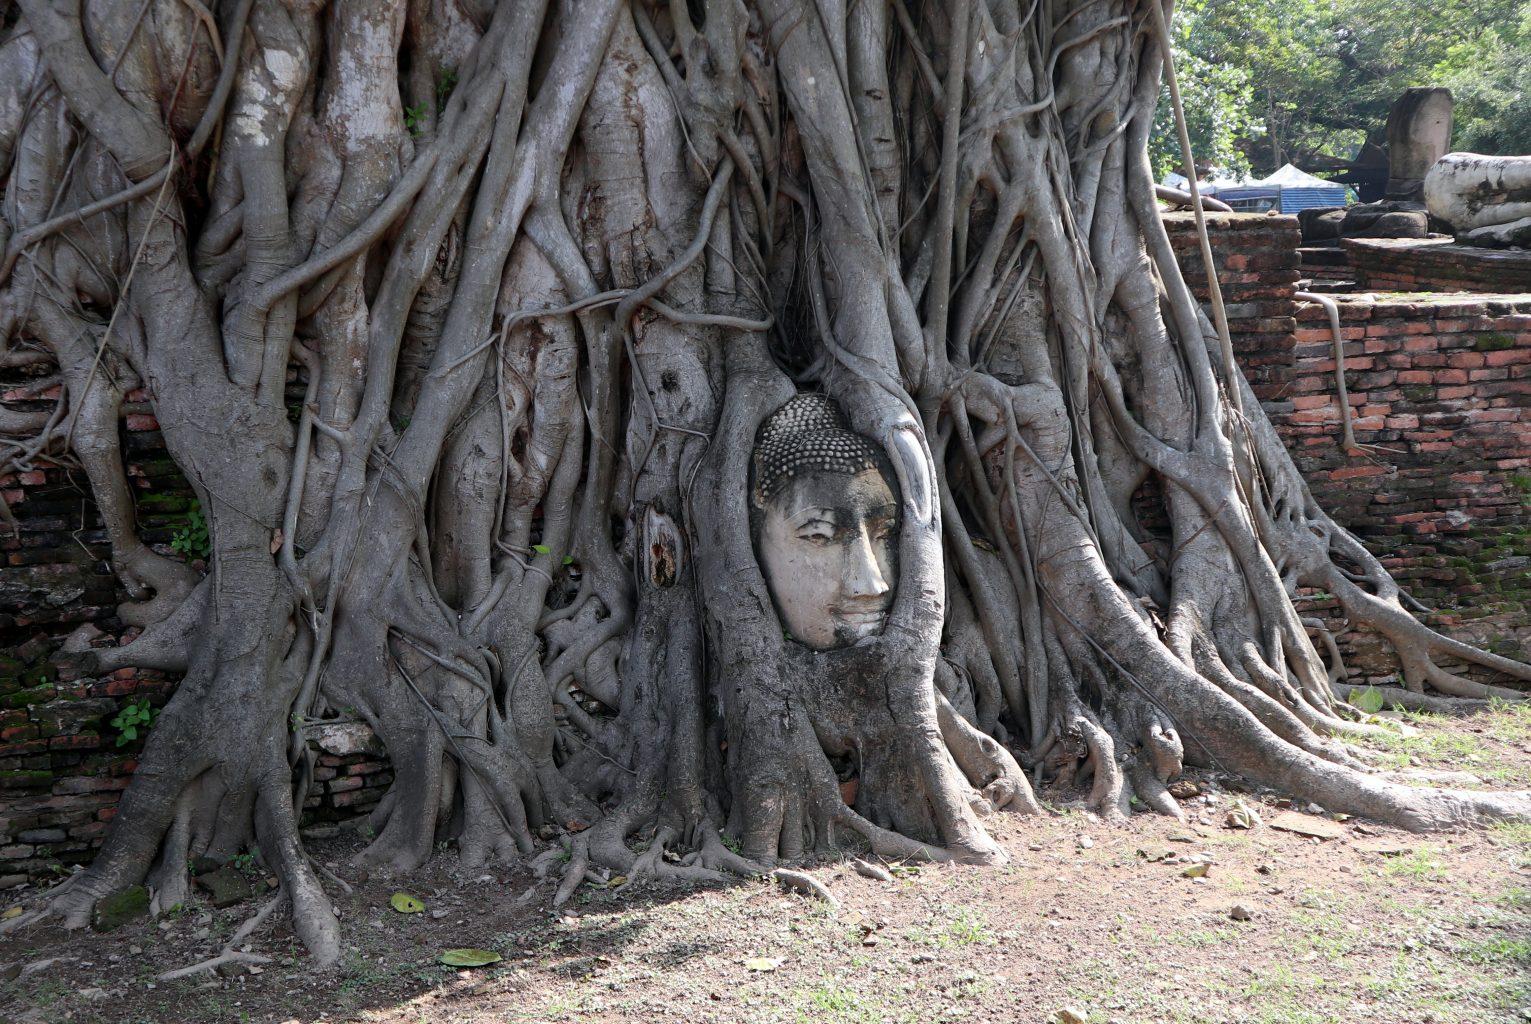 Cabeza de buda en raíces de árbol en Wat Mahathat . mercado del tren, el mercado flotante y ruinas de Ayutthaya